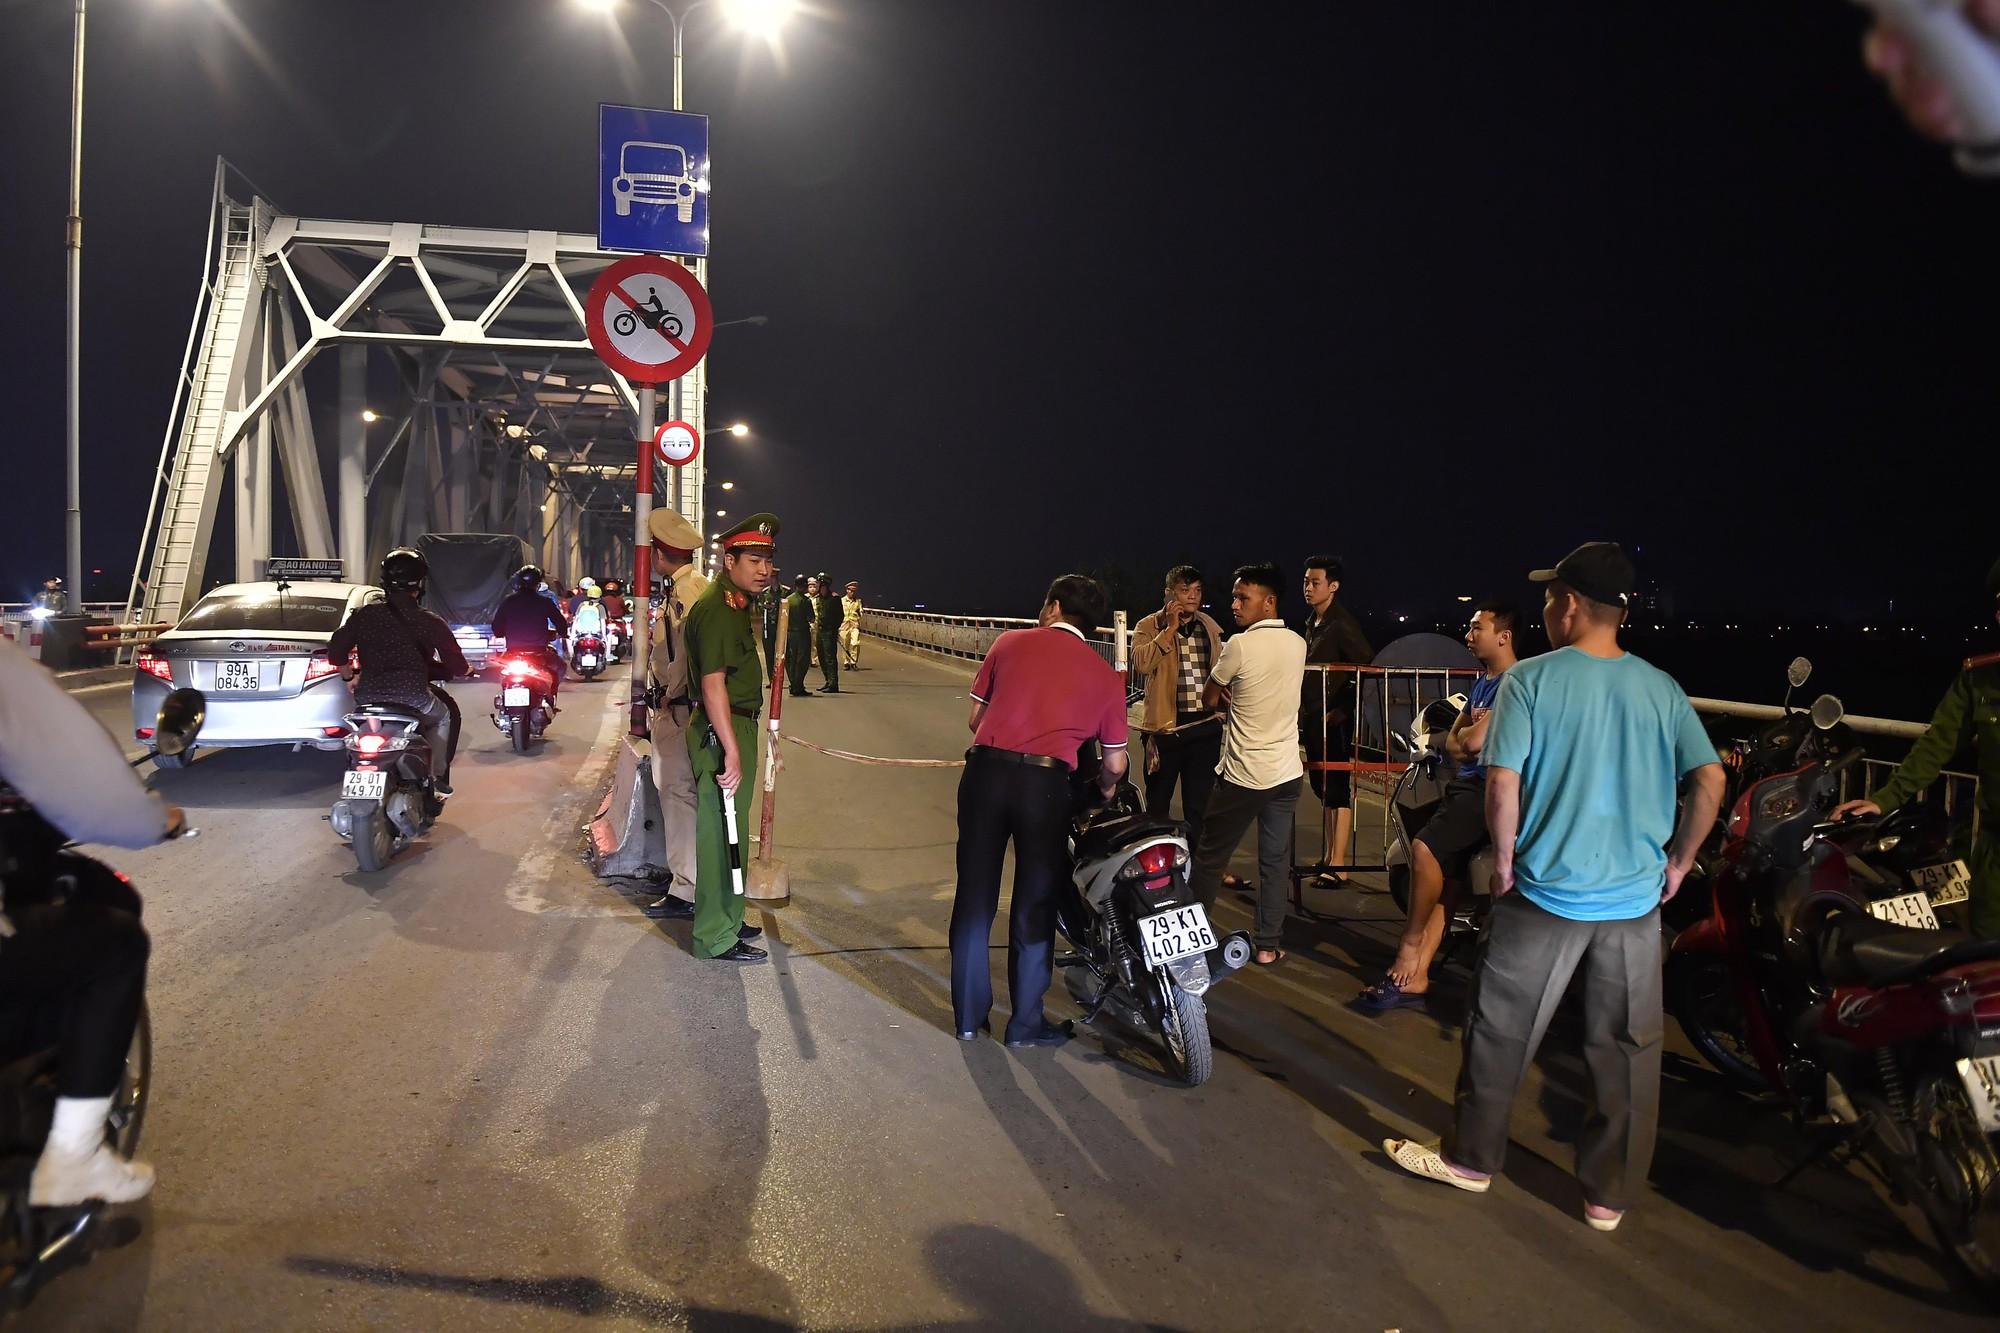 Nóng: Ô tô Mercedes bất ngờ đâm gãy thành cầu Chương Dương rồi lao xuống sông Hồng, 5 ca nô được huy động tìm kiếm các nạn nhân - Ảnh 8.